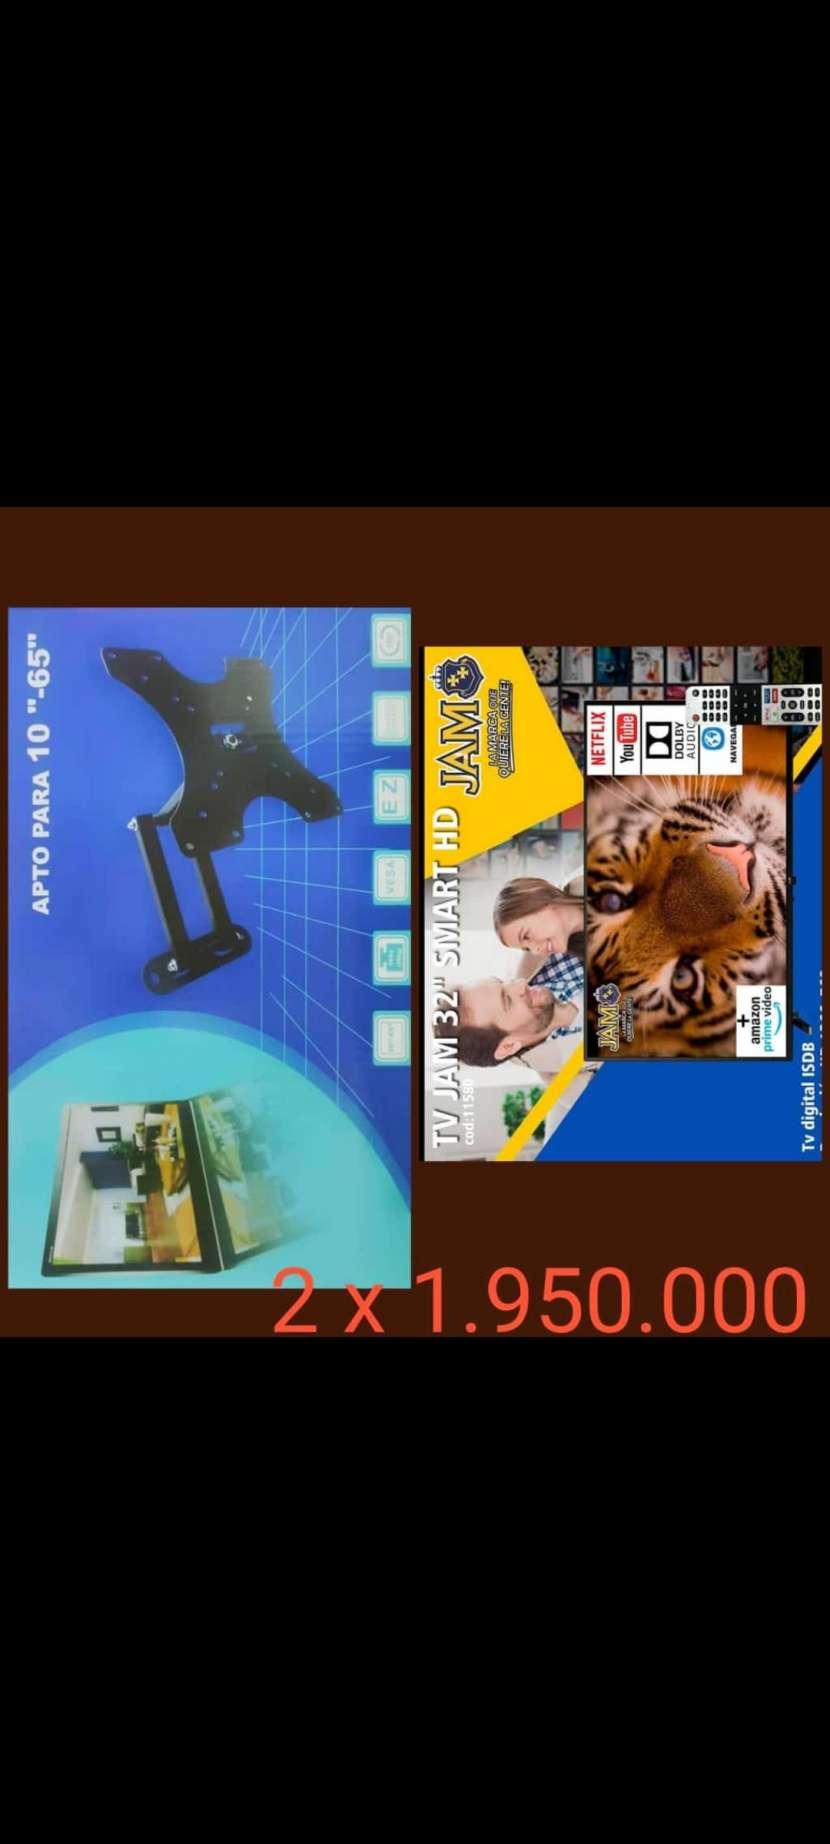 Smart TV de 32 pulgadas + soporte giratorio - 0